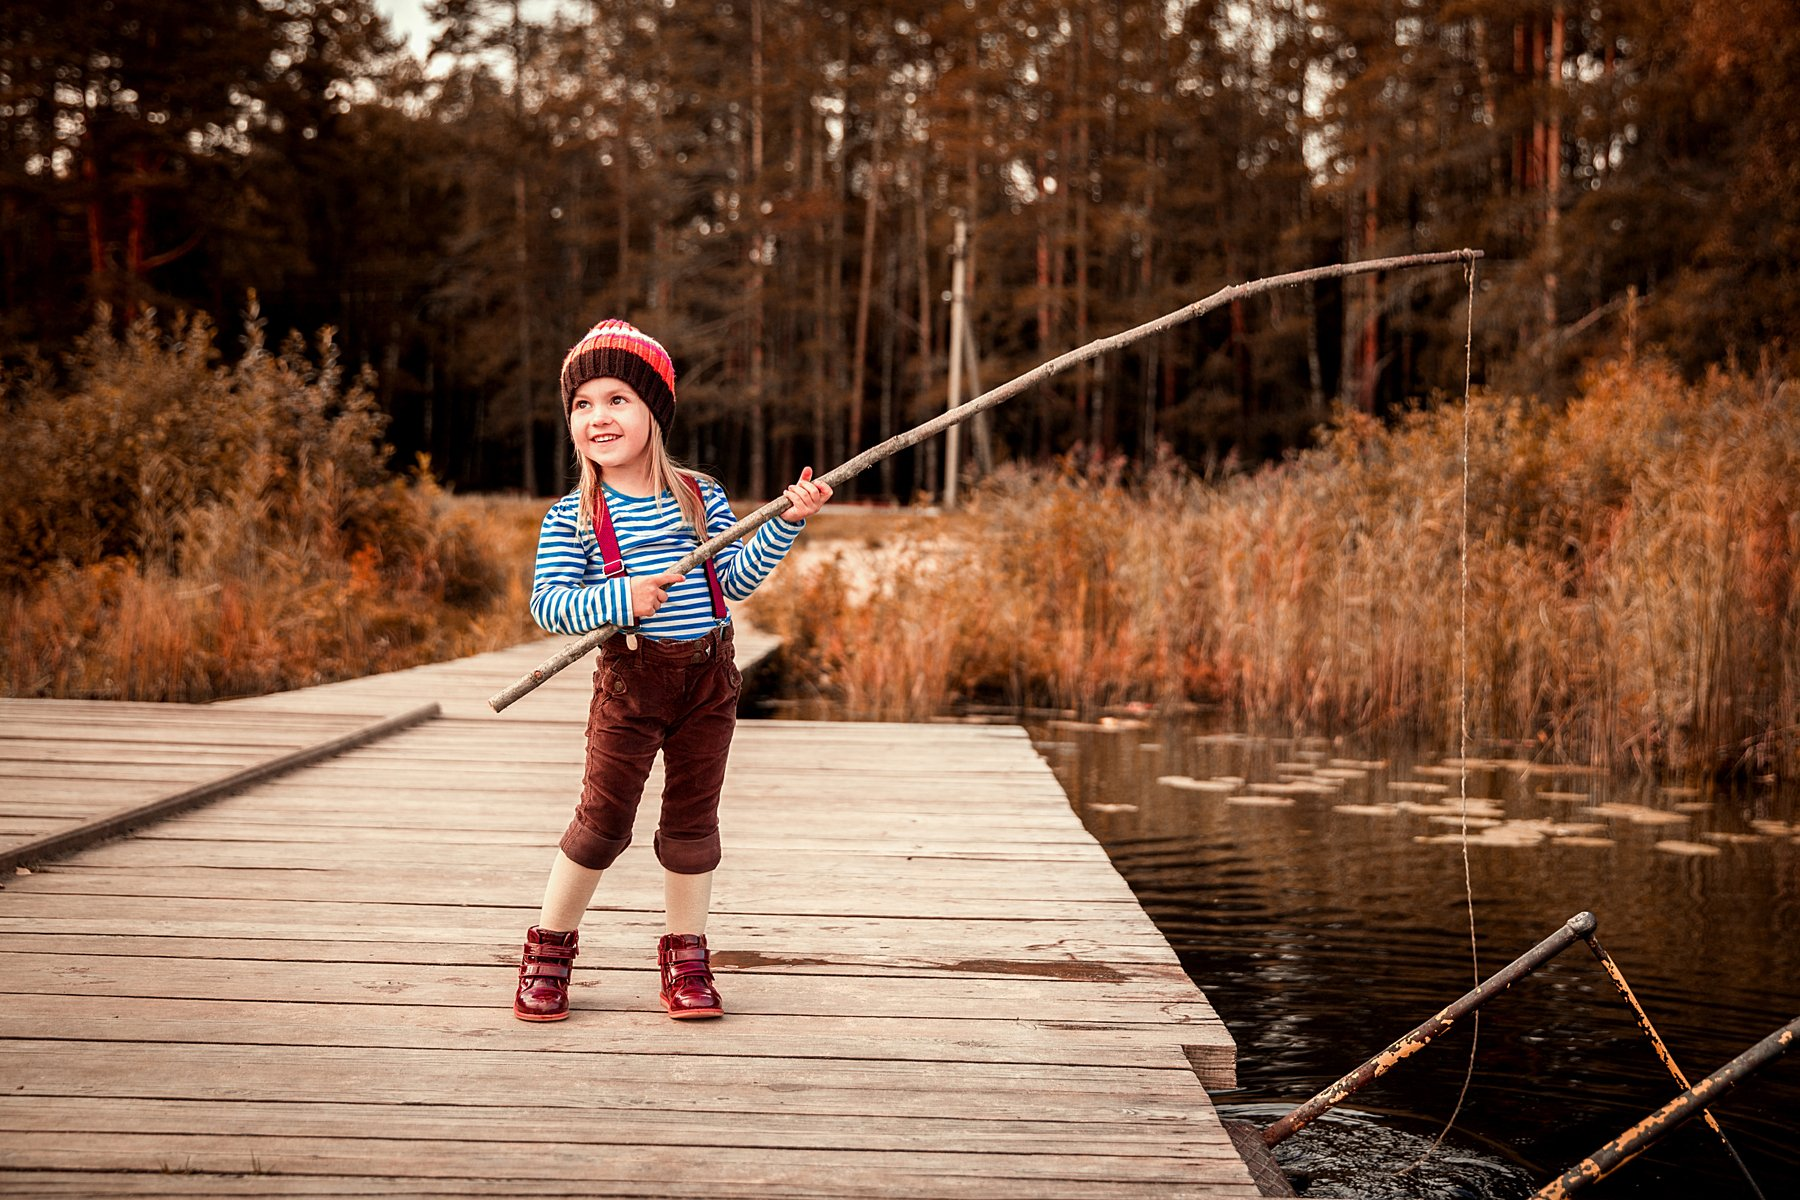 рыбак, рыбачка, на рыбалке, удочка, дети, ребенок, на природе, на реке, ловим рыбу, фото детей, фотосессия, детская фотосессия, детский портрет, ребенок, улыбка, тельняшка, Сухарь Александр